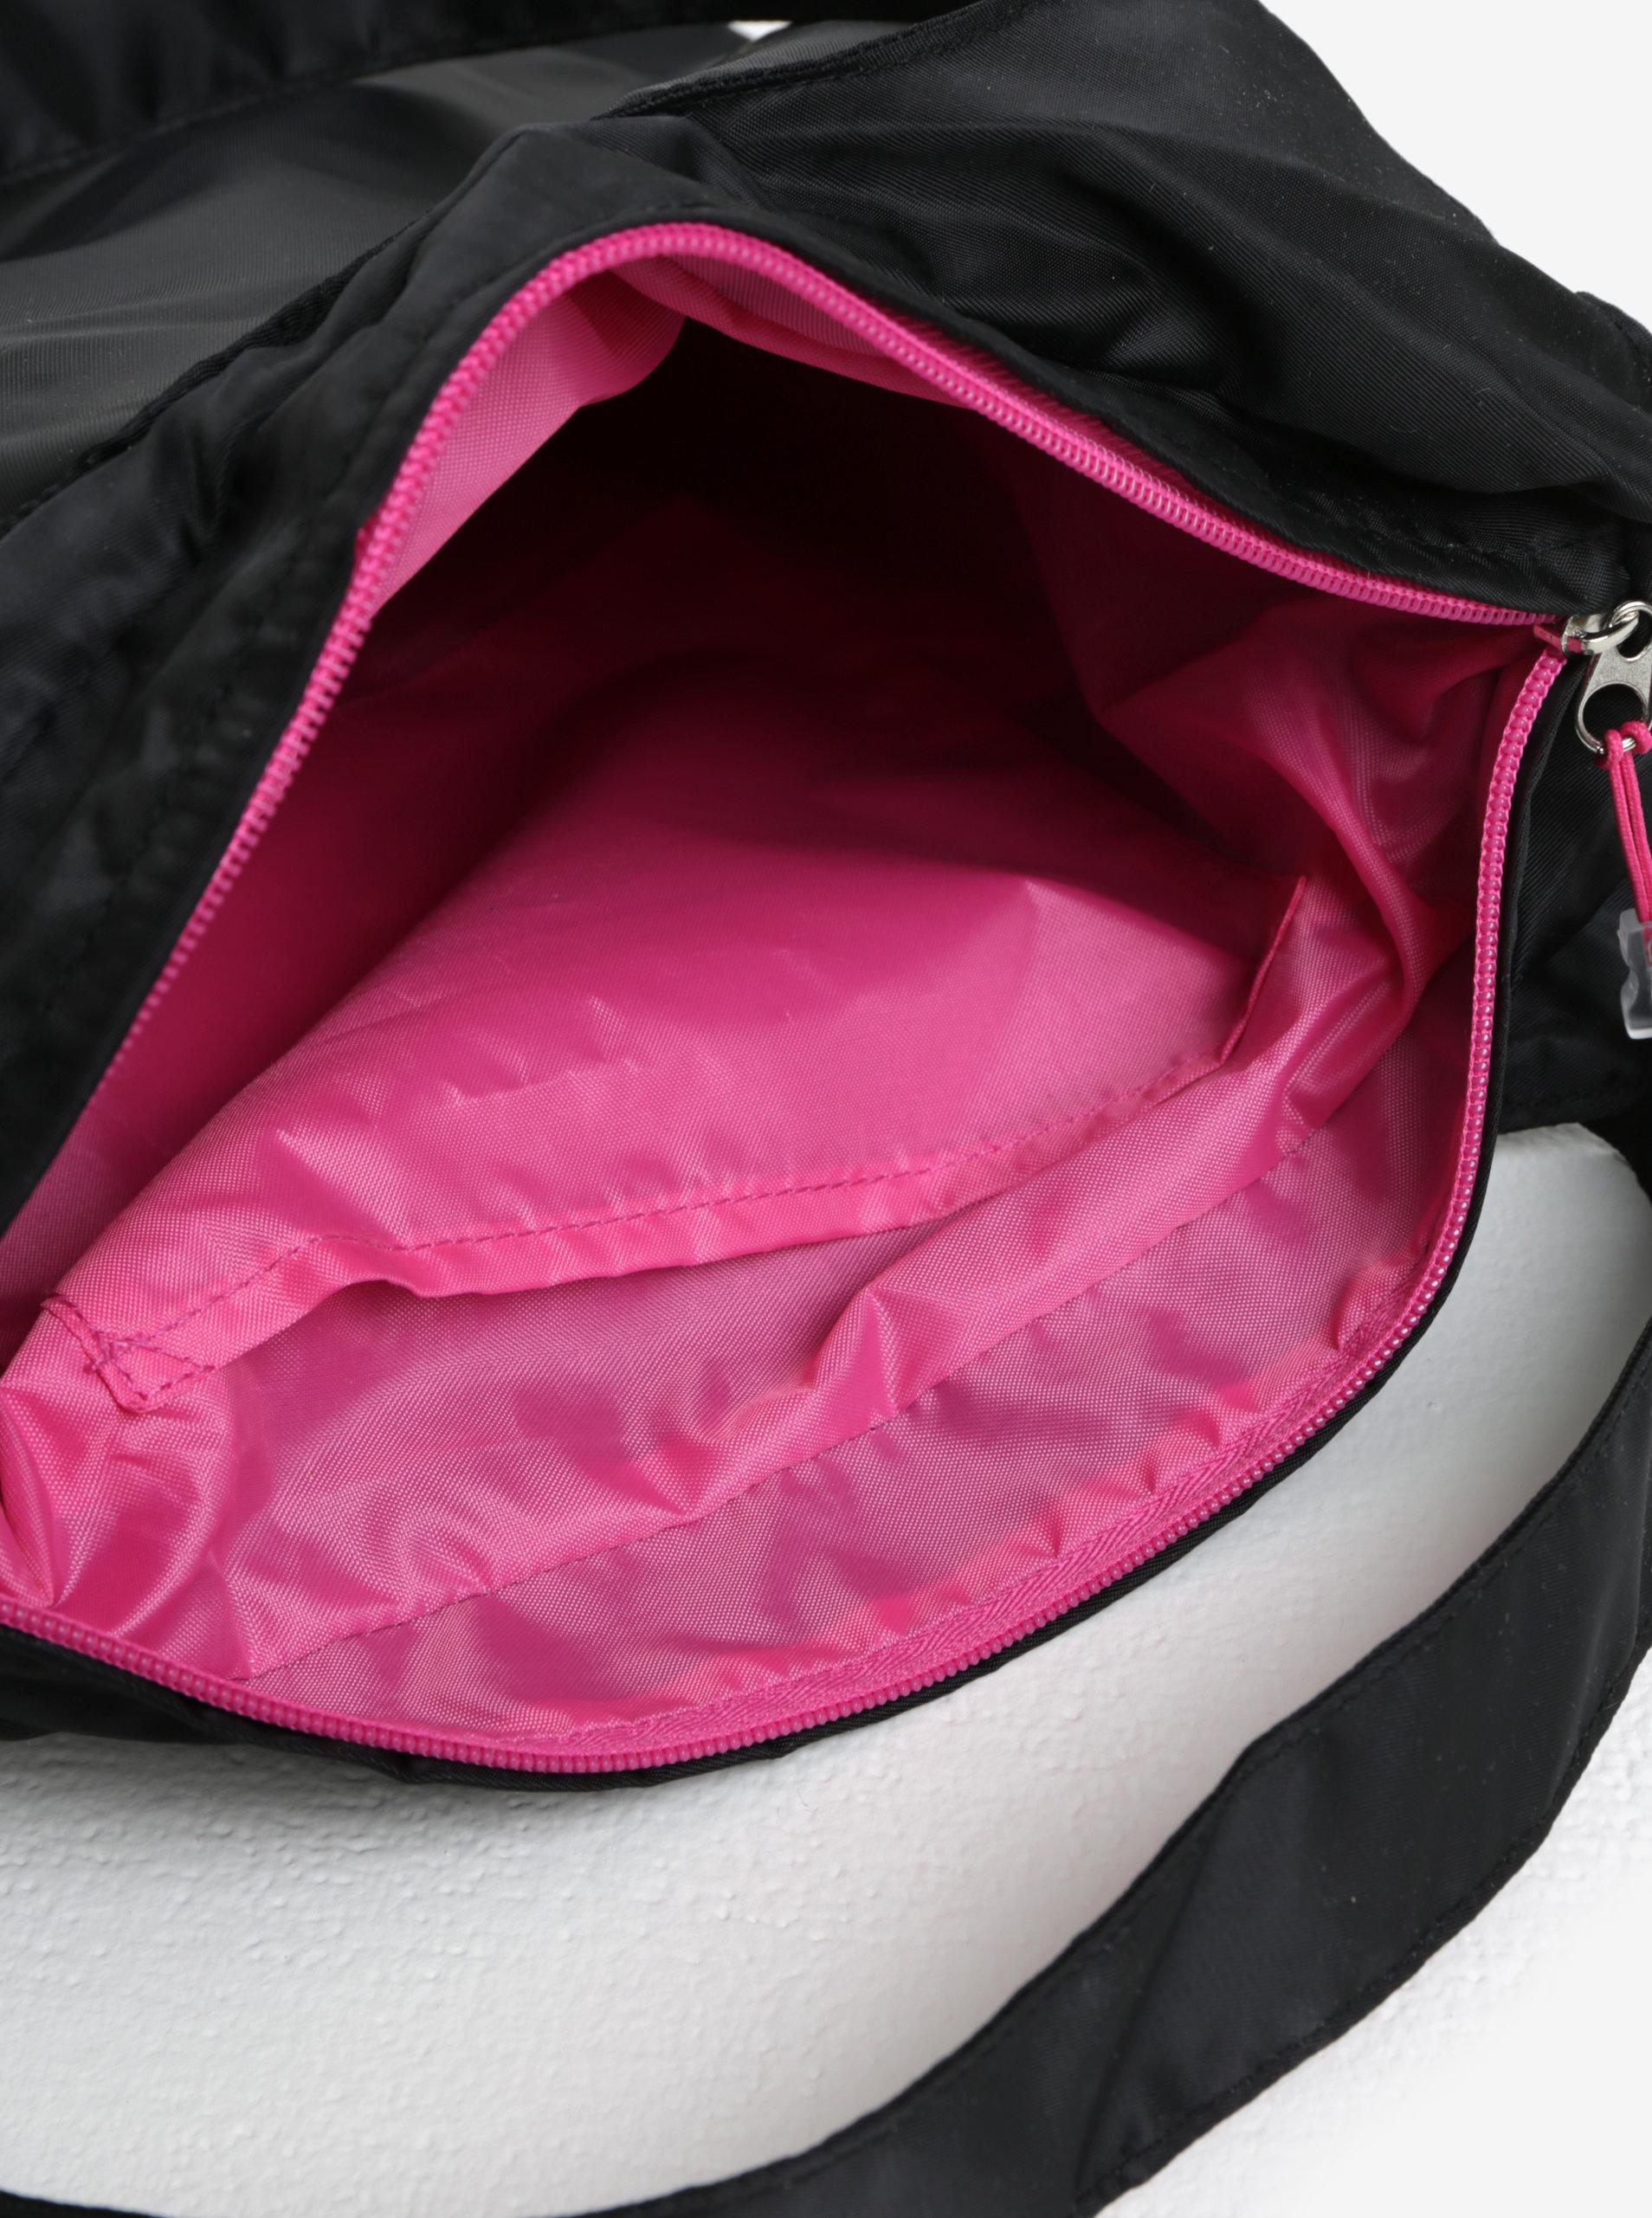 Čierna dámska športová taška cez rameno LOAP Finnie ... 5e3efd3cce